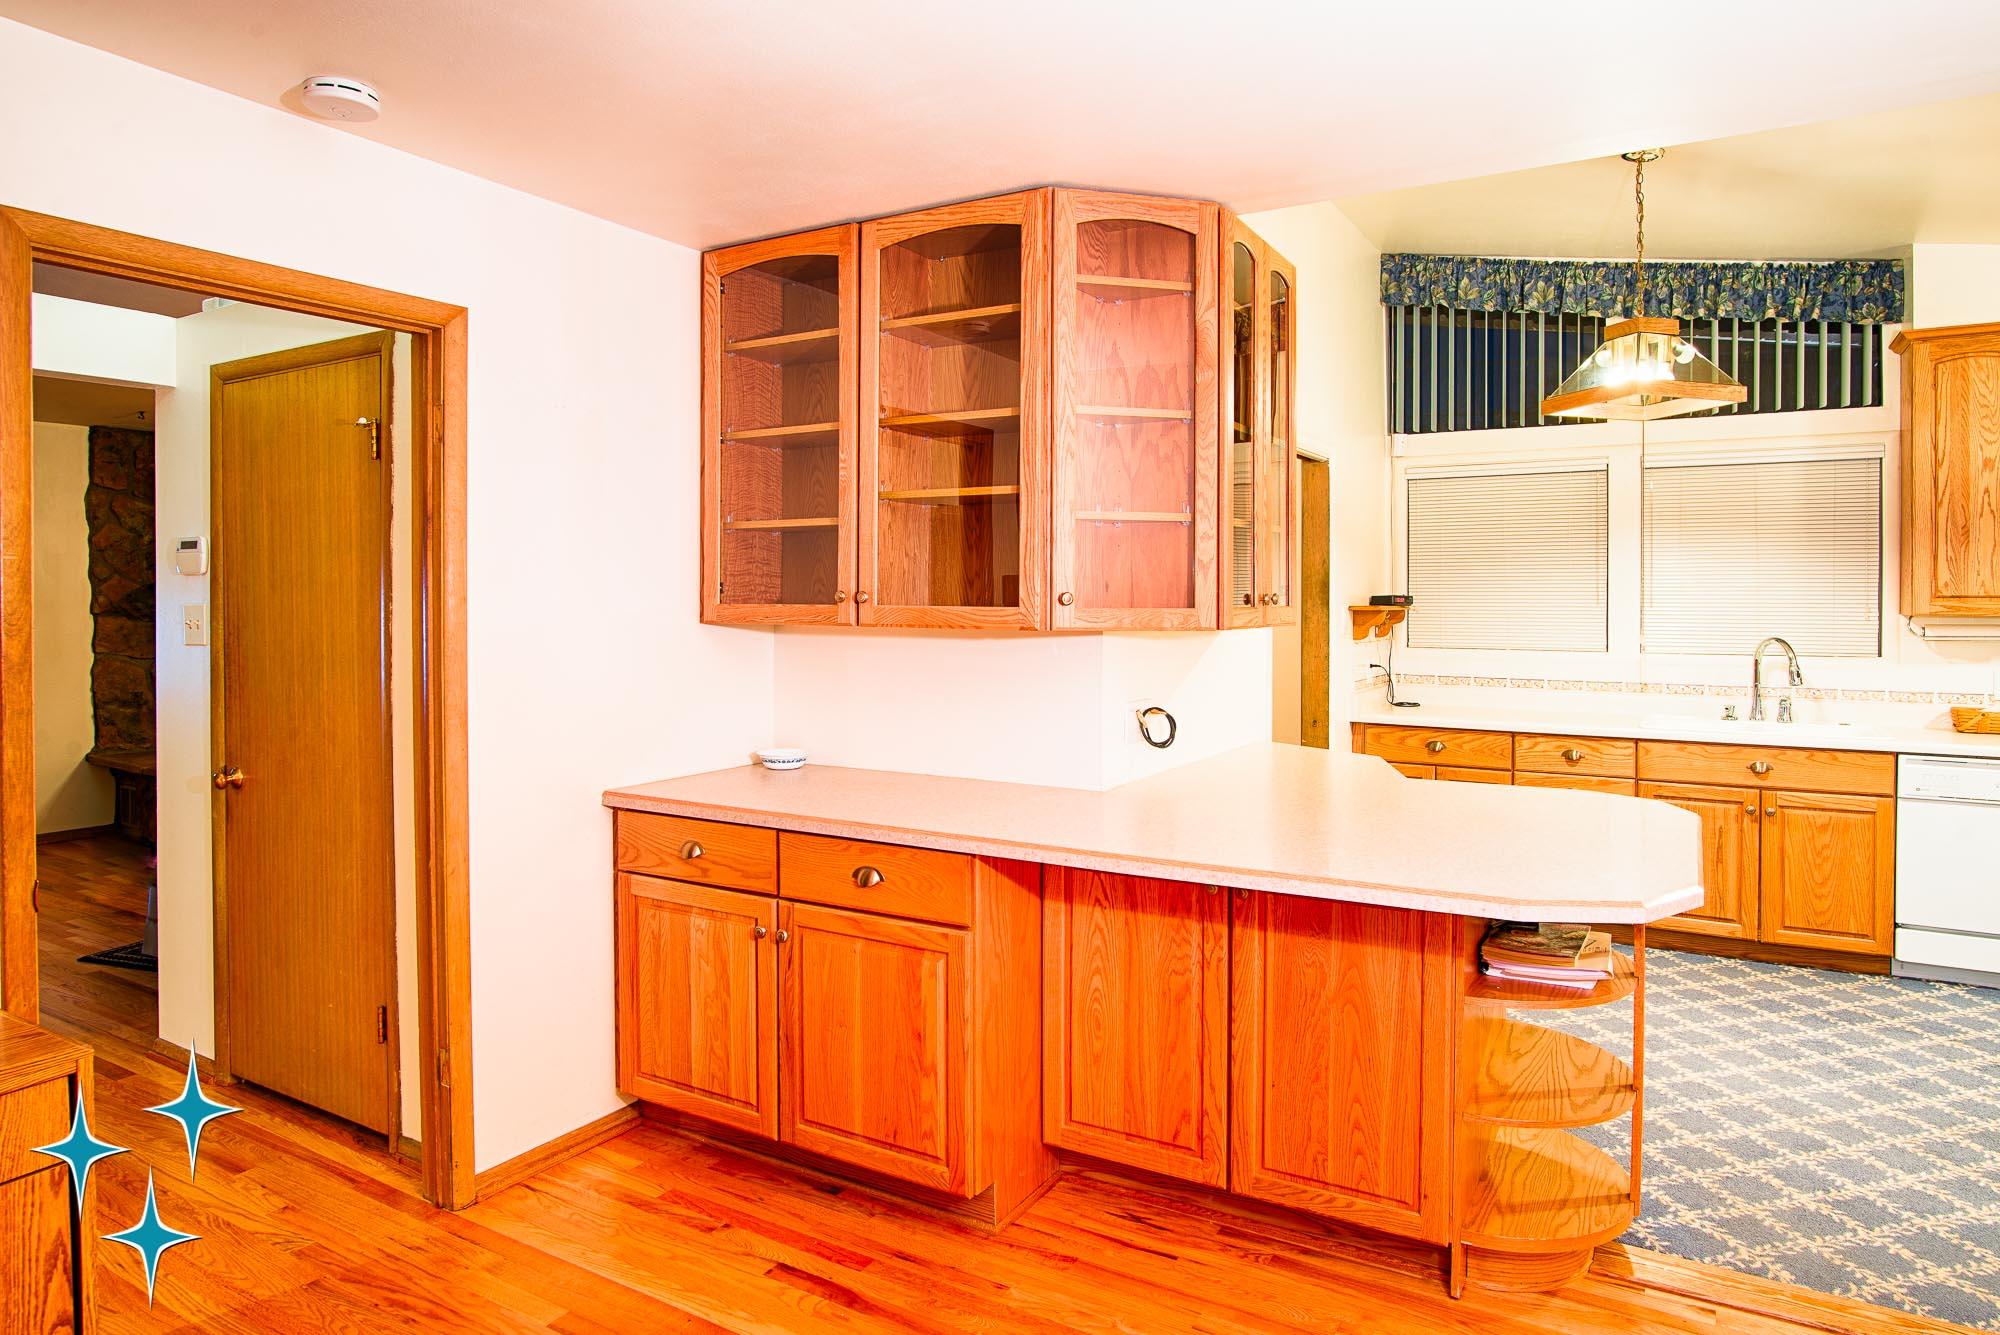 Adrian-Kinney-4155-W-Iliff-Avenue-Denver-r-Carey-Holiday-Home-2000w50-3SWM-16.jpg